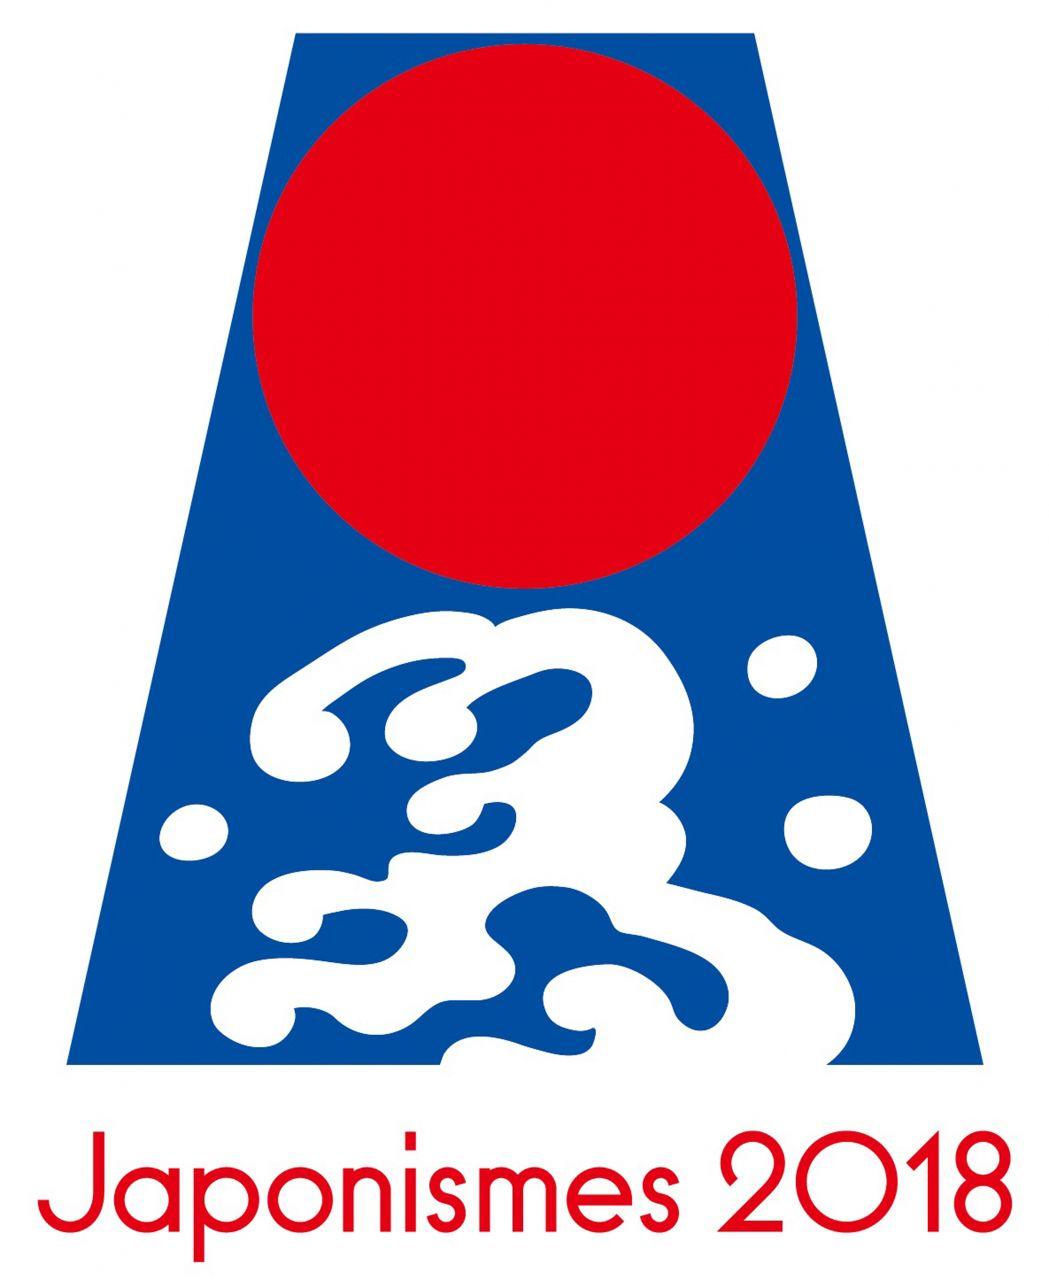 芸術の都フランス・パリが日本一色に染まる! 大規模な日本文化・芸術の祭典「ジャポニスム2018:響きあう魂」がまもなく開催。